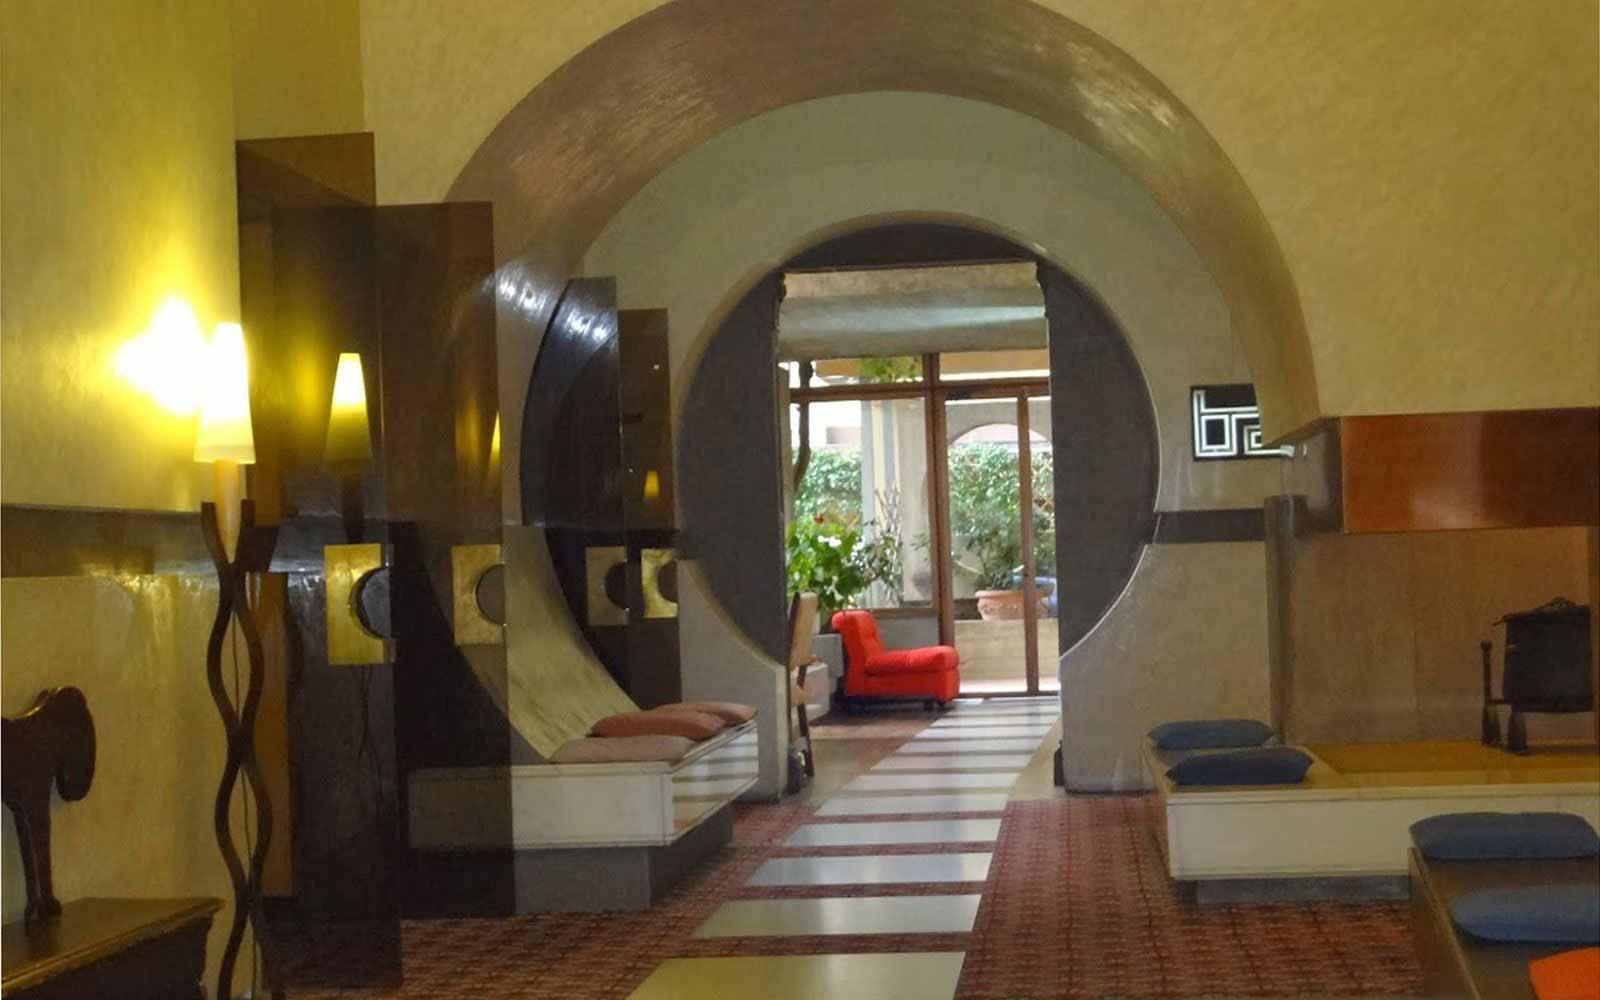 Hall at Hotel Croce di Malta